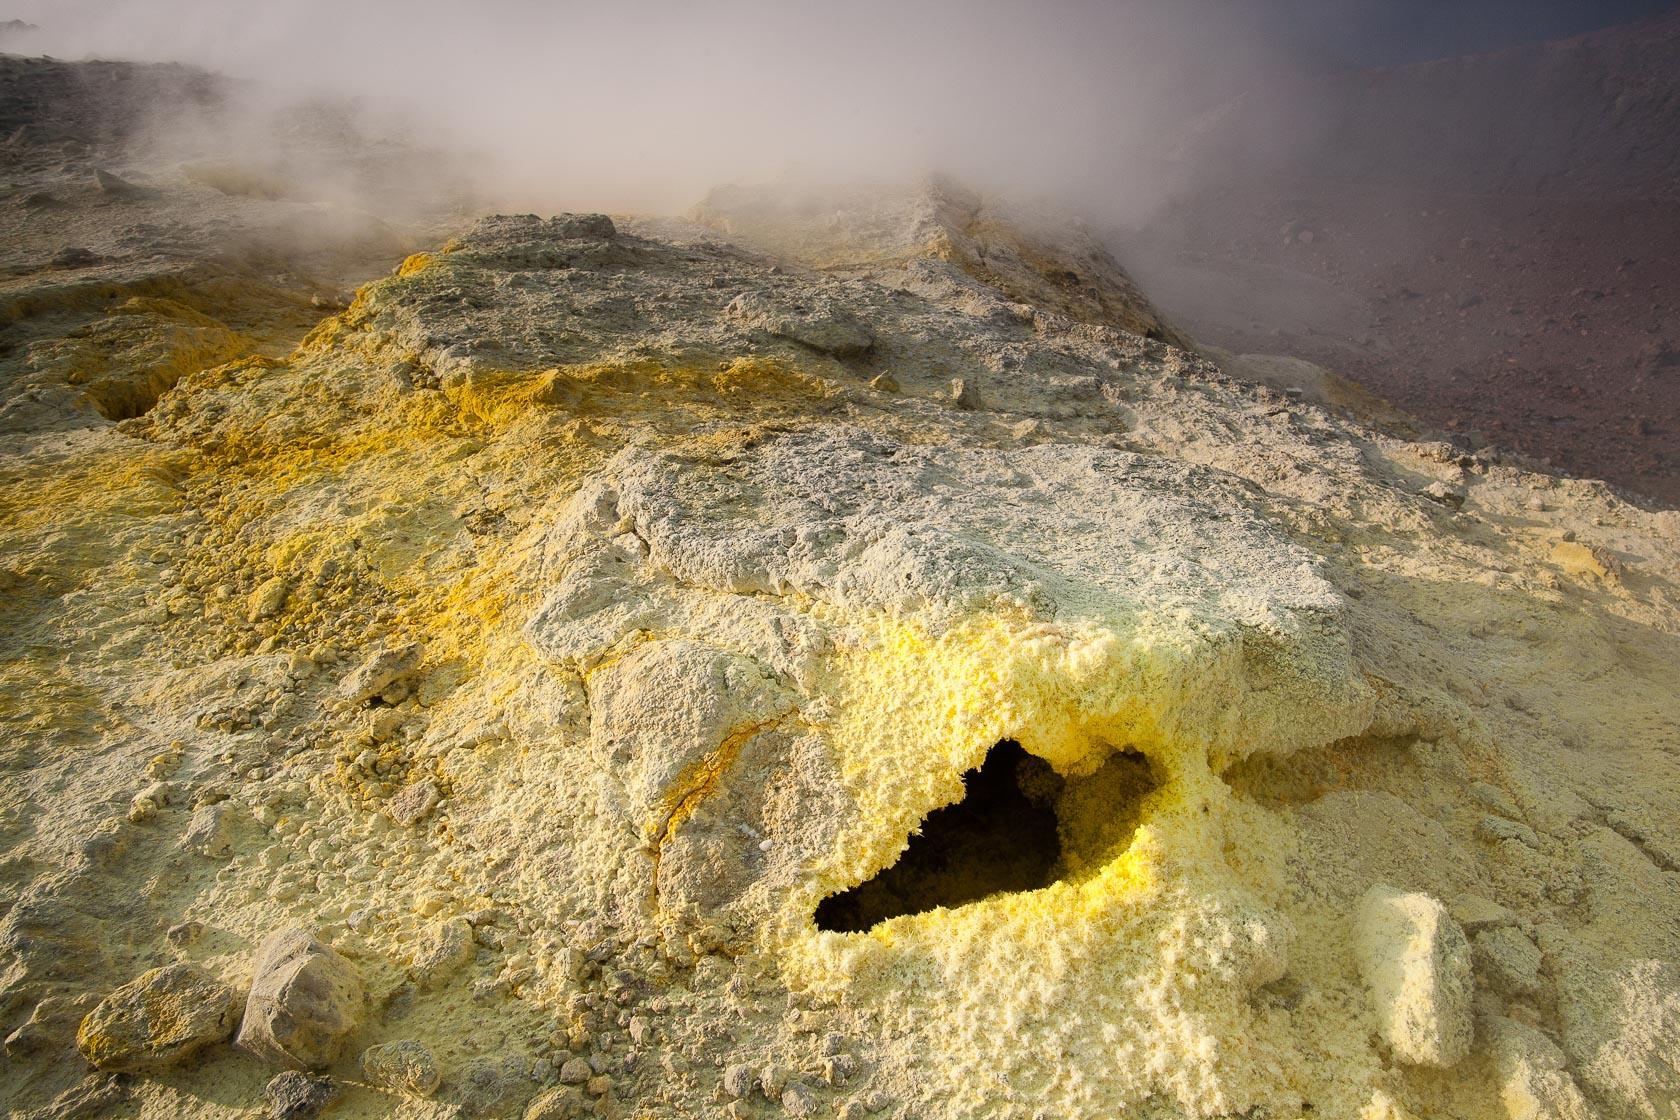 évent de gaz sulfureux et soufre sur le volcan Vulcano